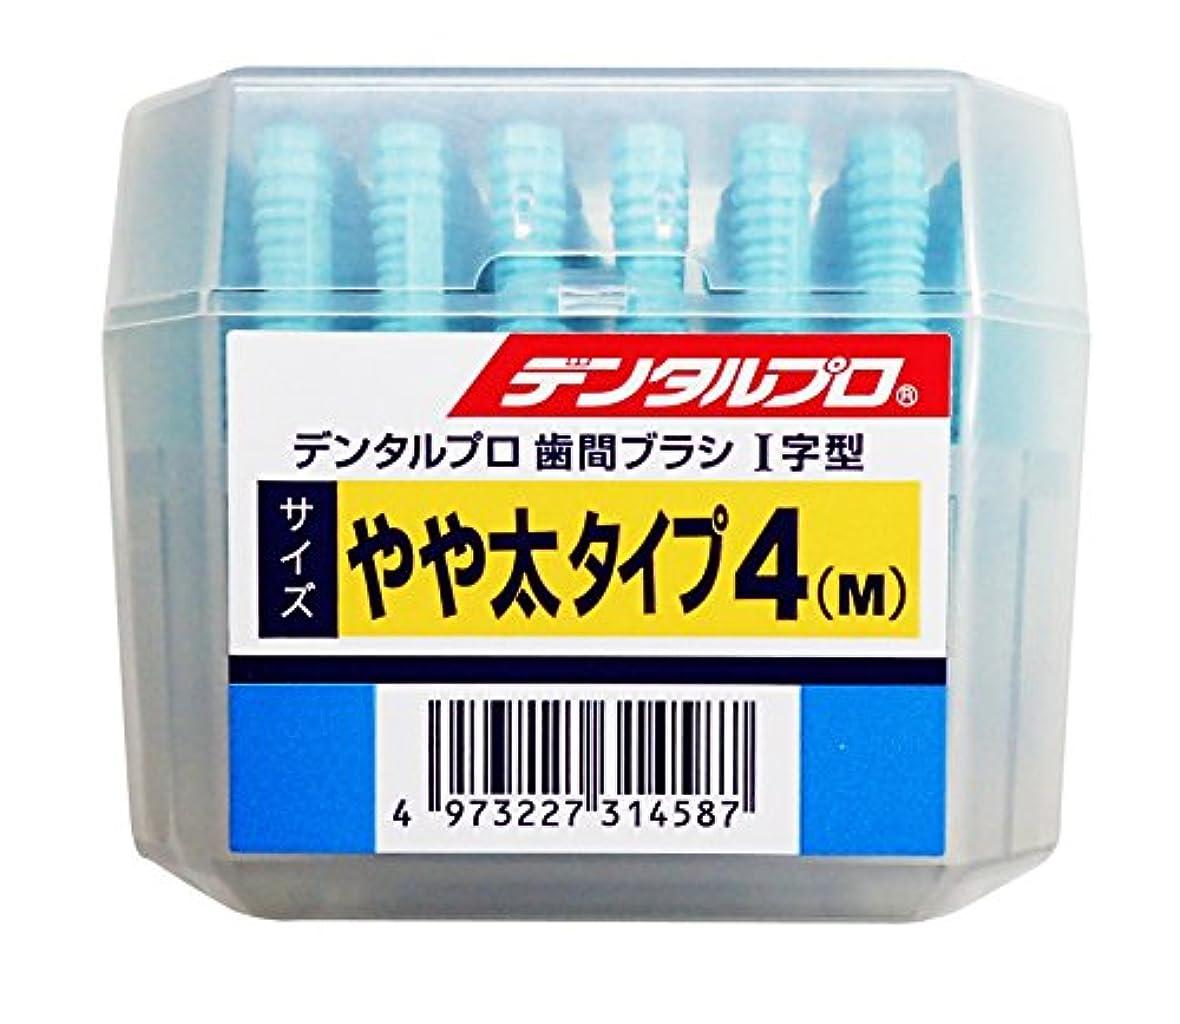 中マスタード細いデンタルプロ 歯間ブラシ<I字型> サイズ4(M) 50本